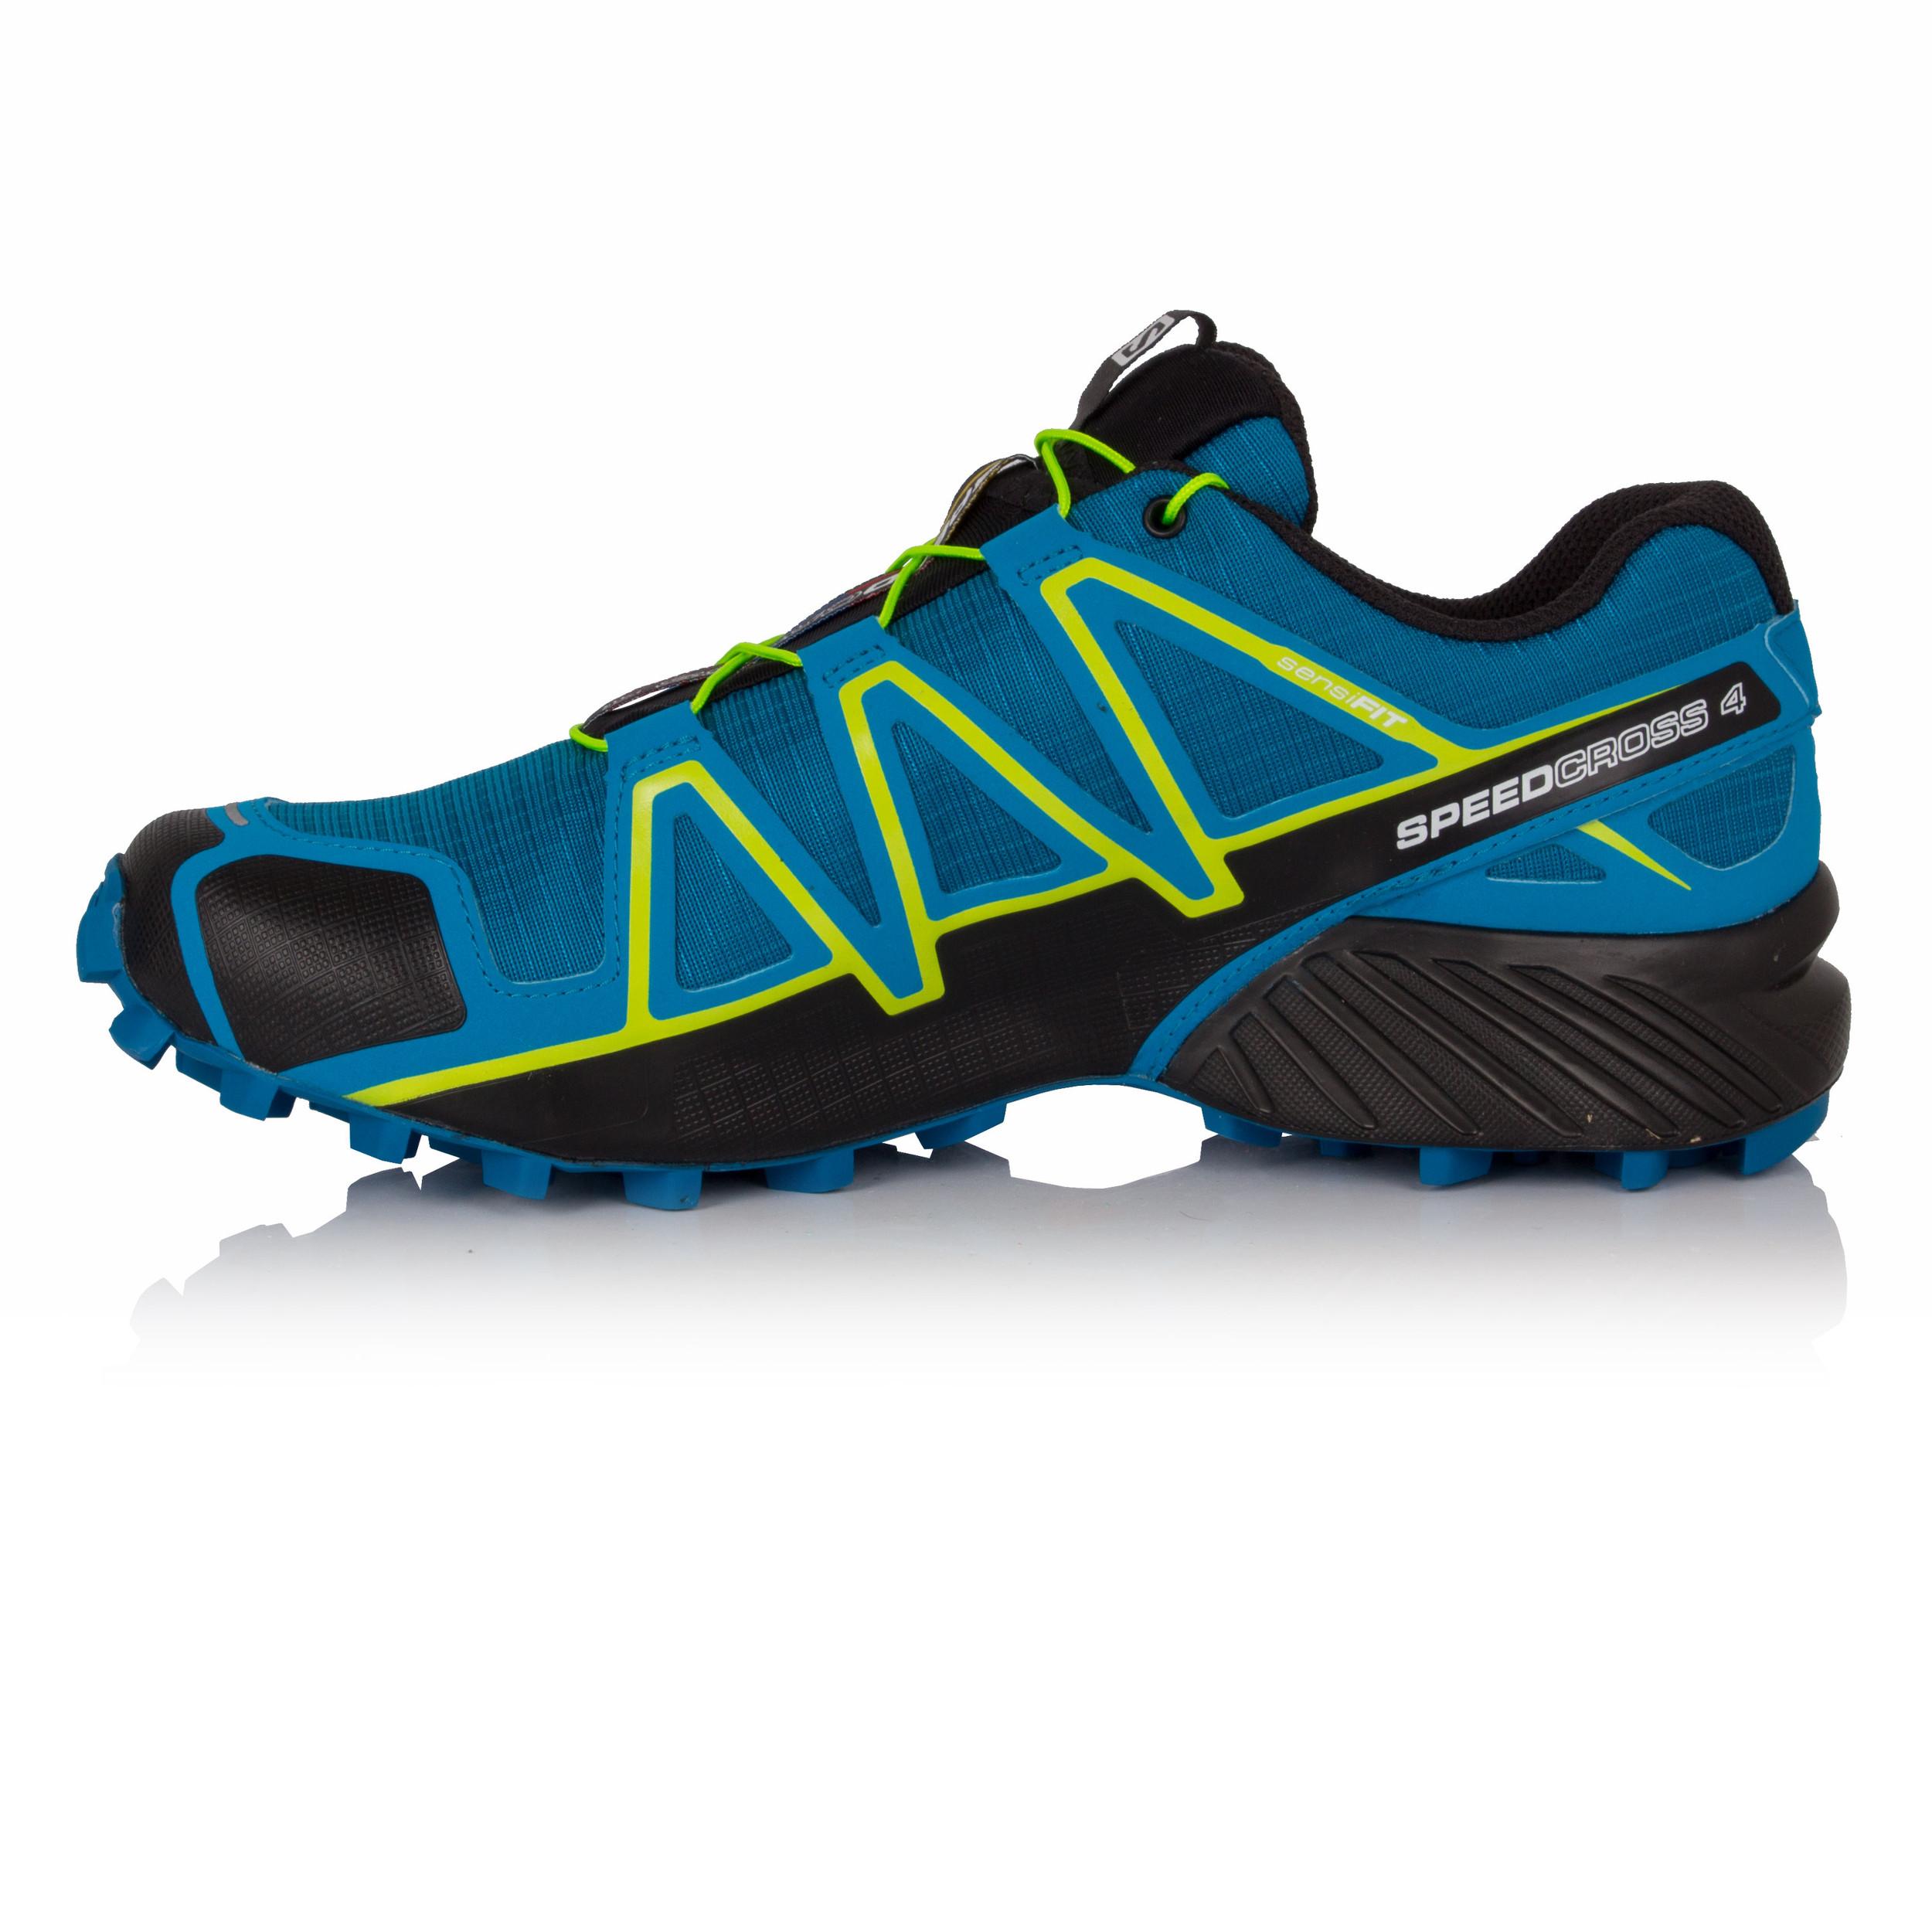 Titre Trail Chaussures D'origine Bleu De Salomon Cs Homme Speedcross Noir Running Sport Baskets 4 Détails Afficher Sur Le dQCxrBoeW